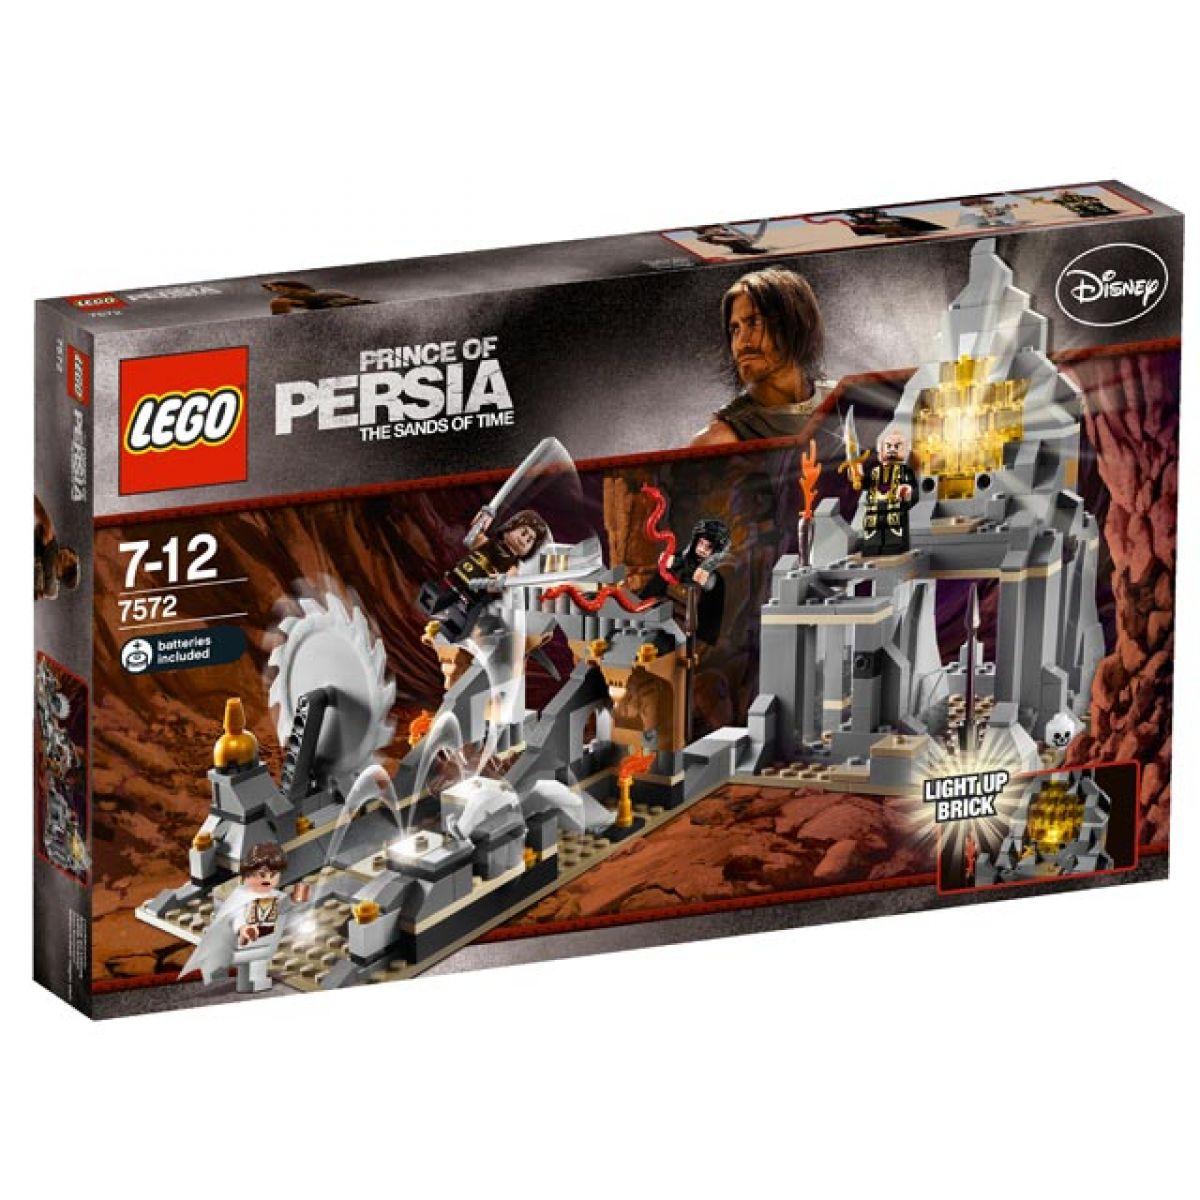 LEGO Prince of Percia 7572 Závod s časem